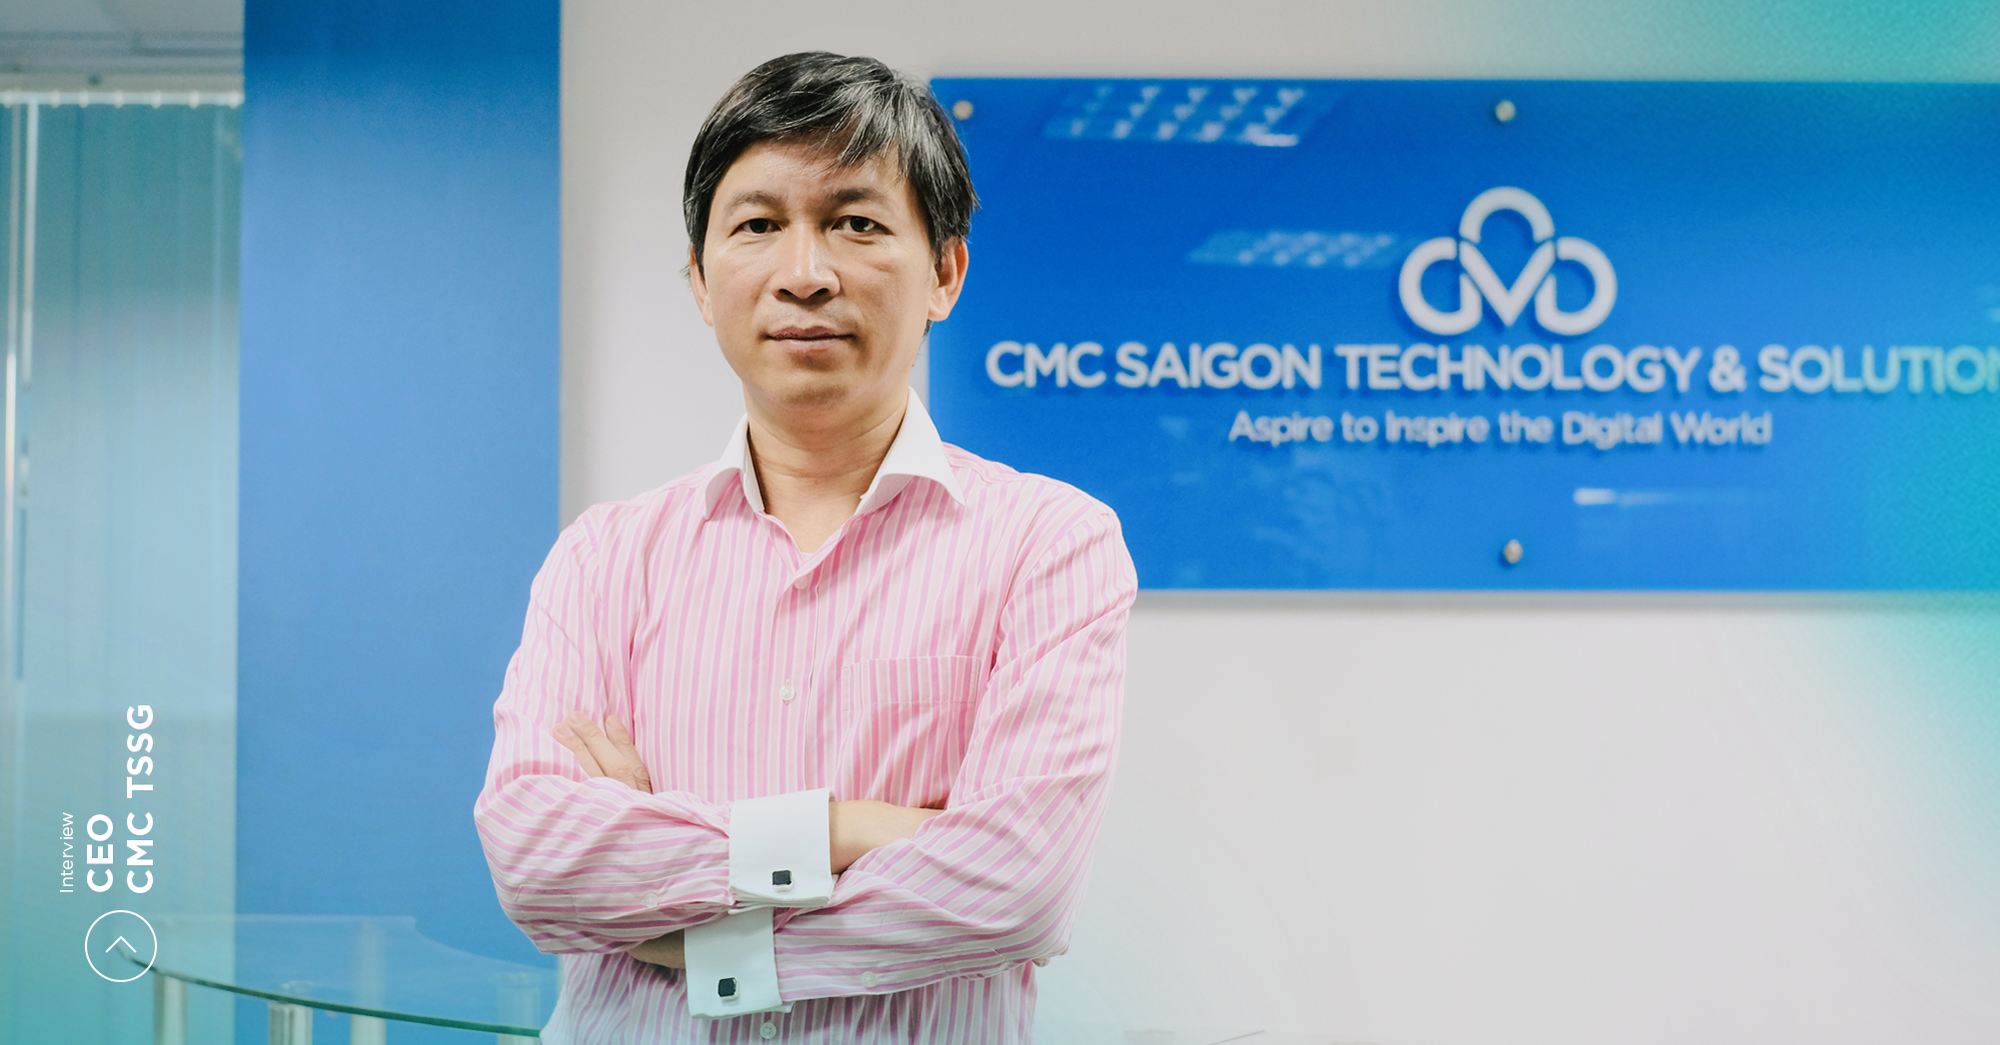 CEO CMC TSSG Đặng Thế Tài: Hệ thống quan trọng nhưng không phải vạn năng, người ra quyết định cuối cùng vẫn là con người - Ảnh 14.